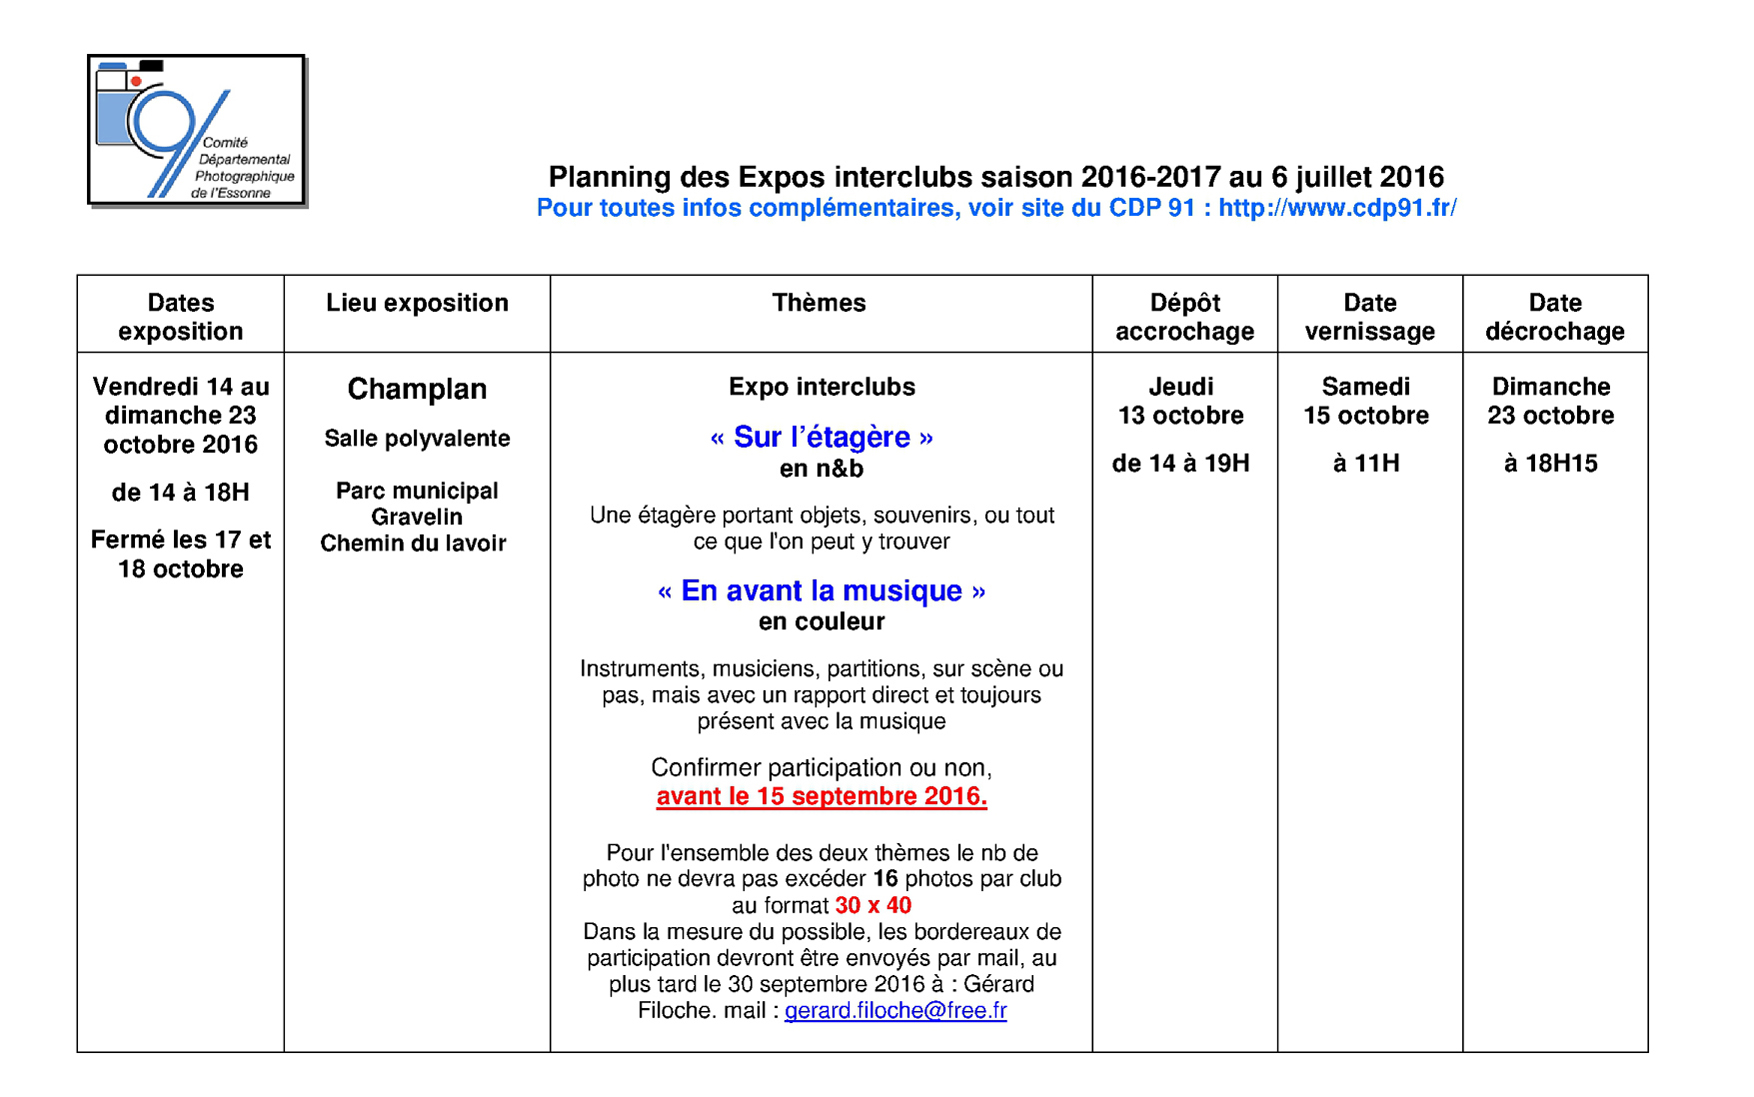 Planning prévisionnel des expos interclubs CDP91 saison 2016-17 version 02 page 1